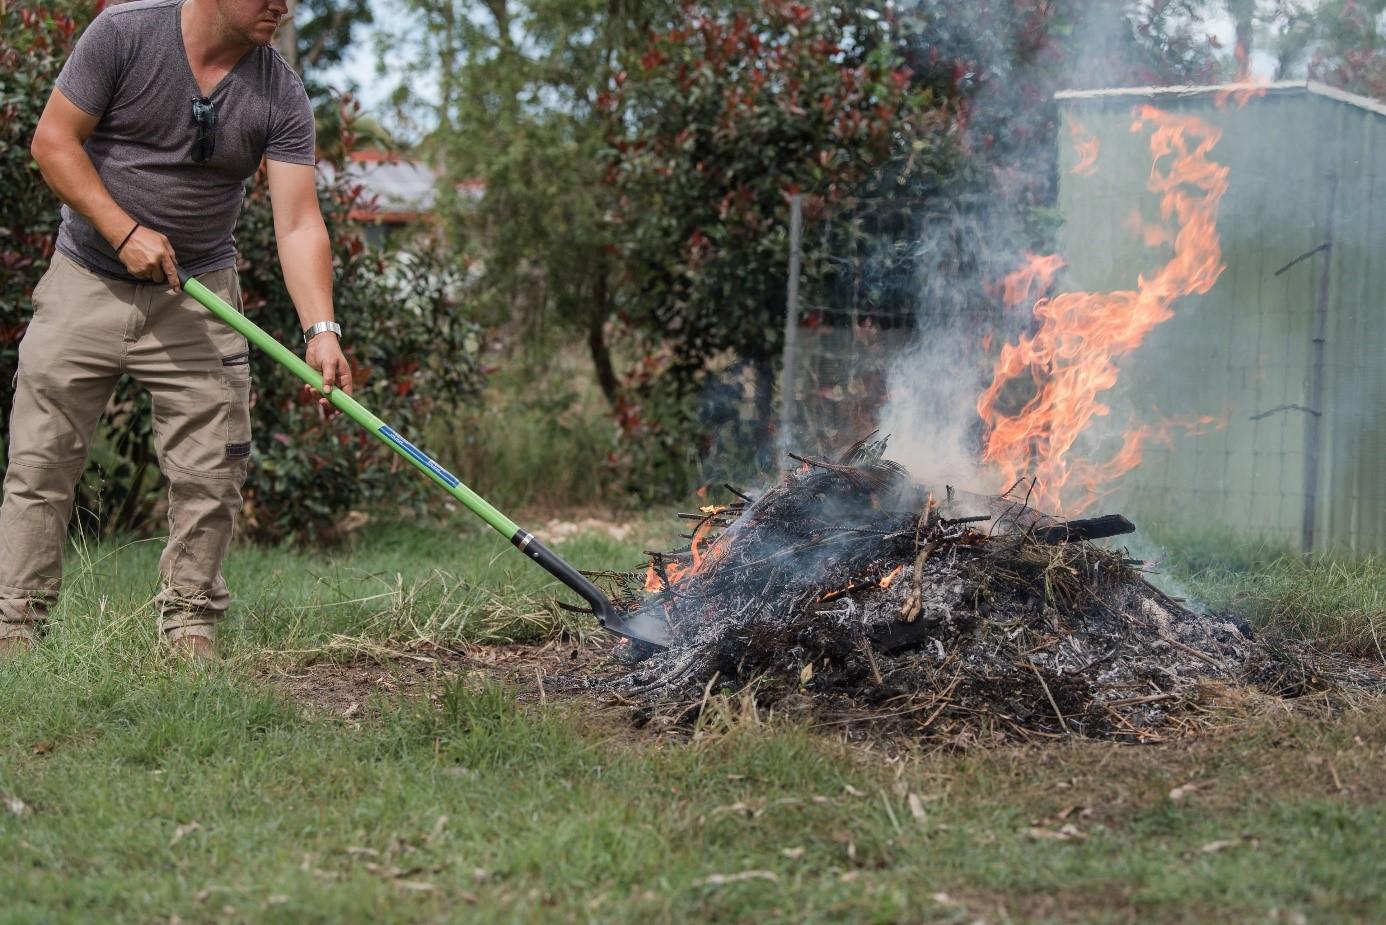 Brûler des branches dans son jardin : conseils et précautions